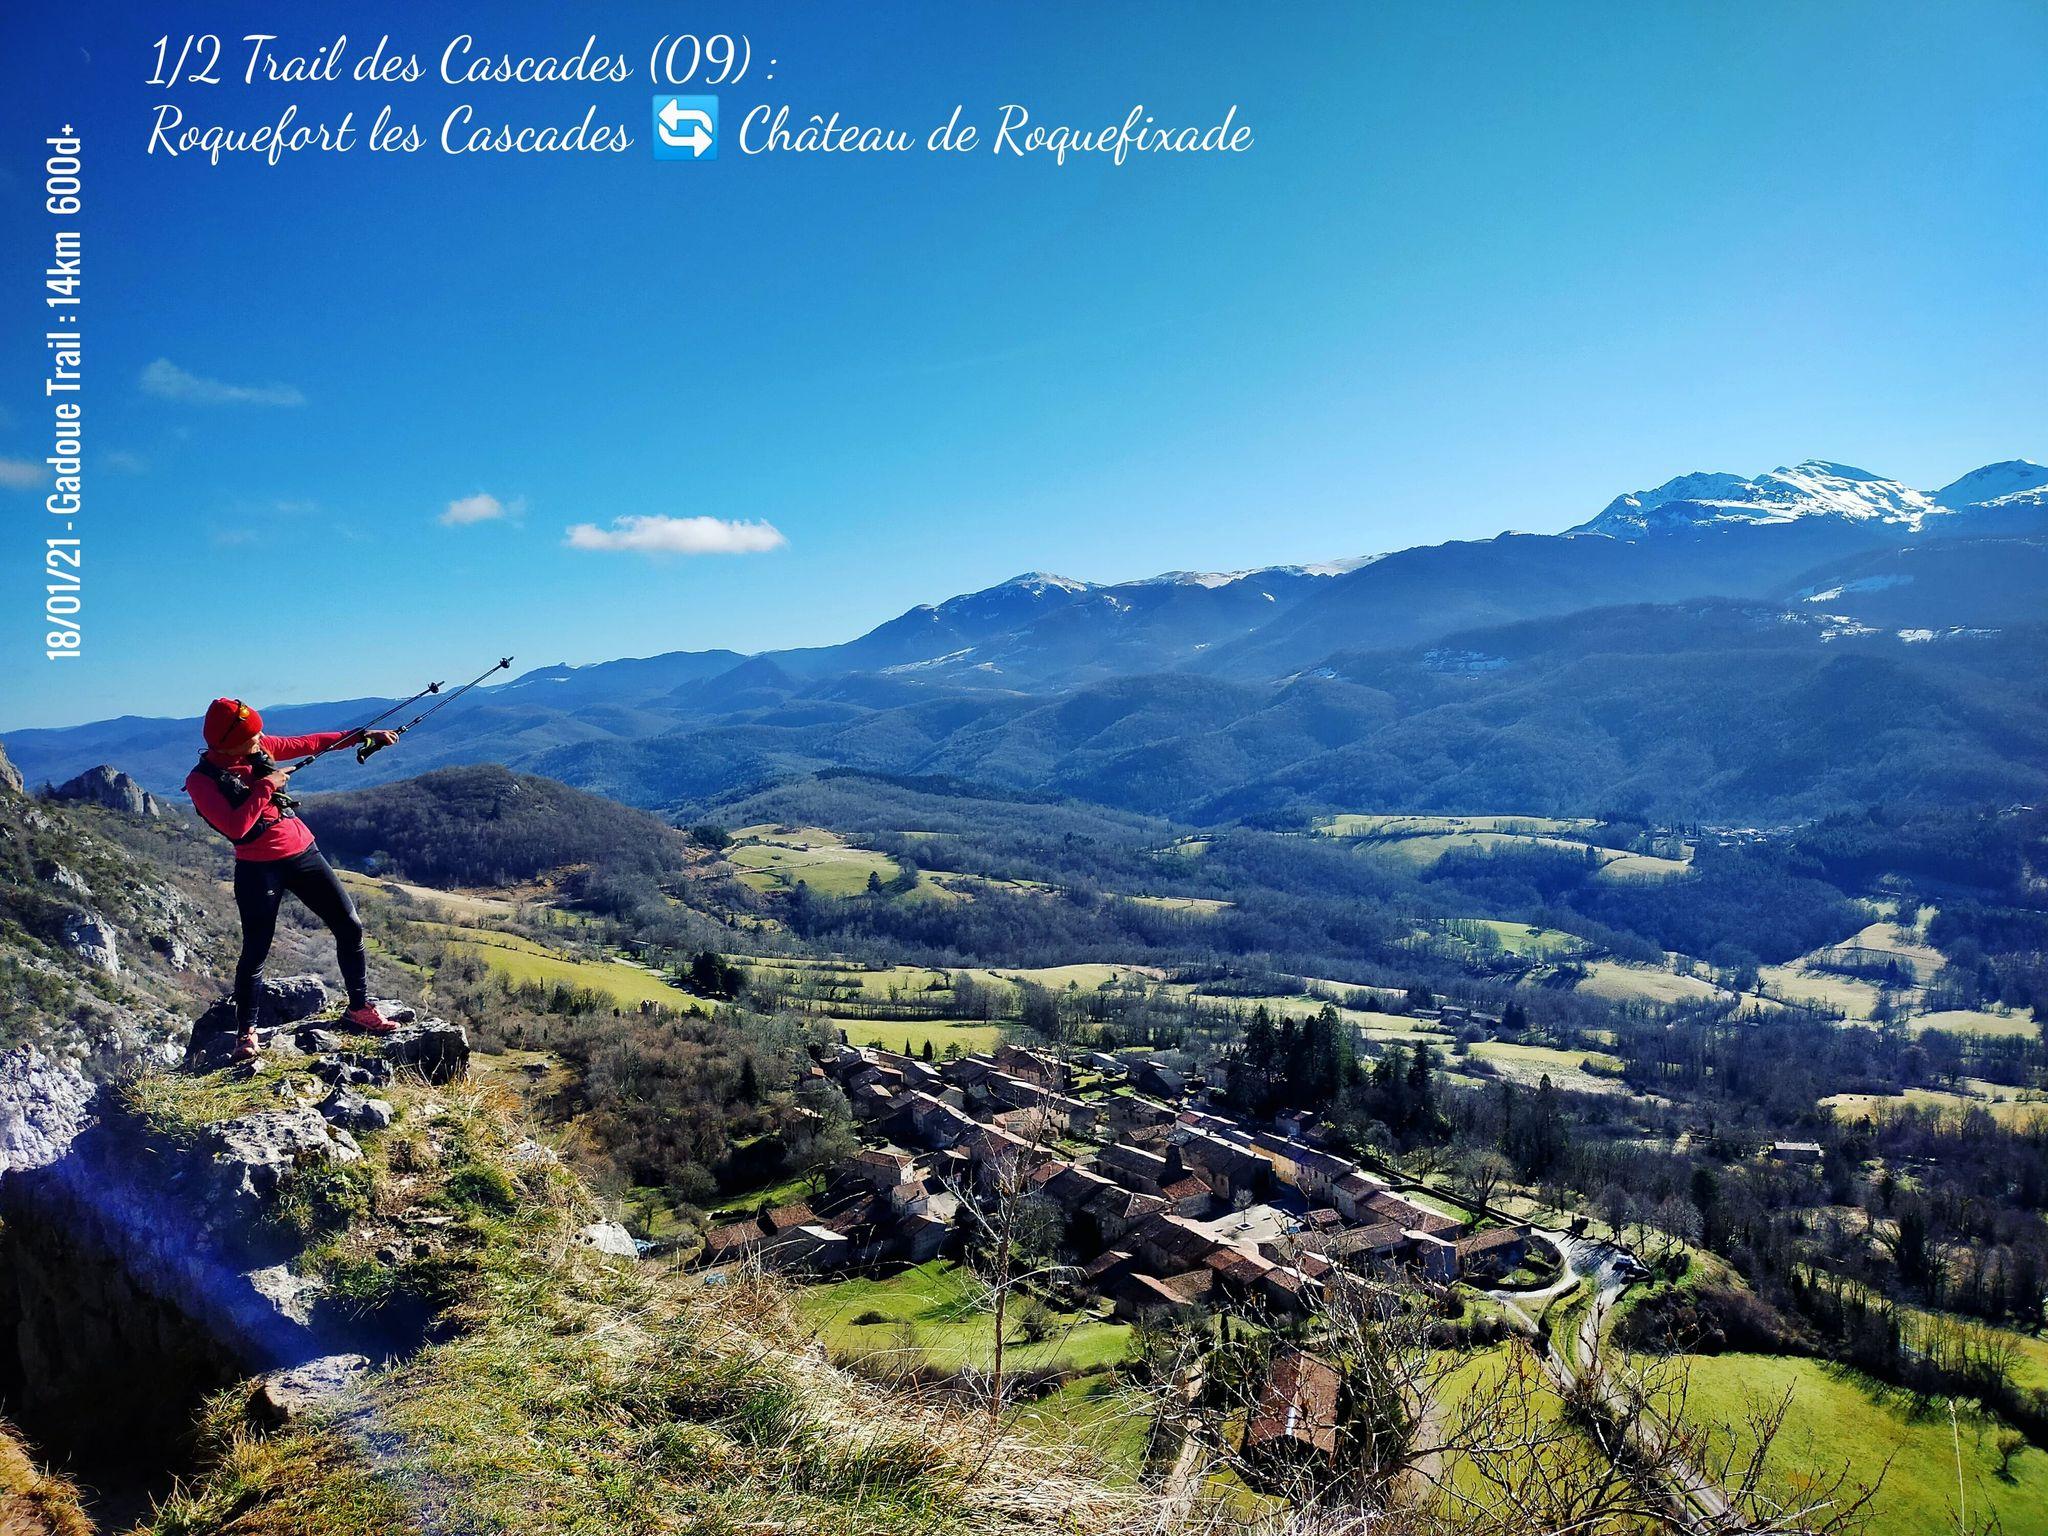 GC - trail 14km - trail des cascades ariege - 01 2021 - roquefort roquefixade (3)